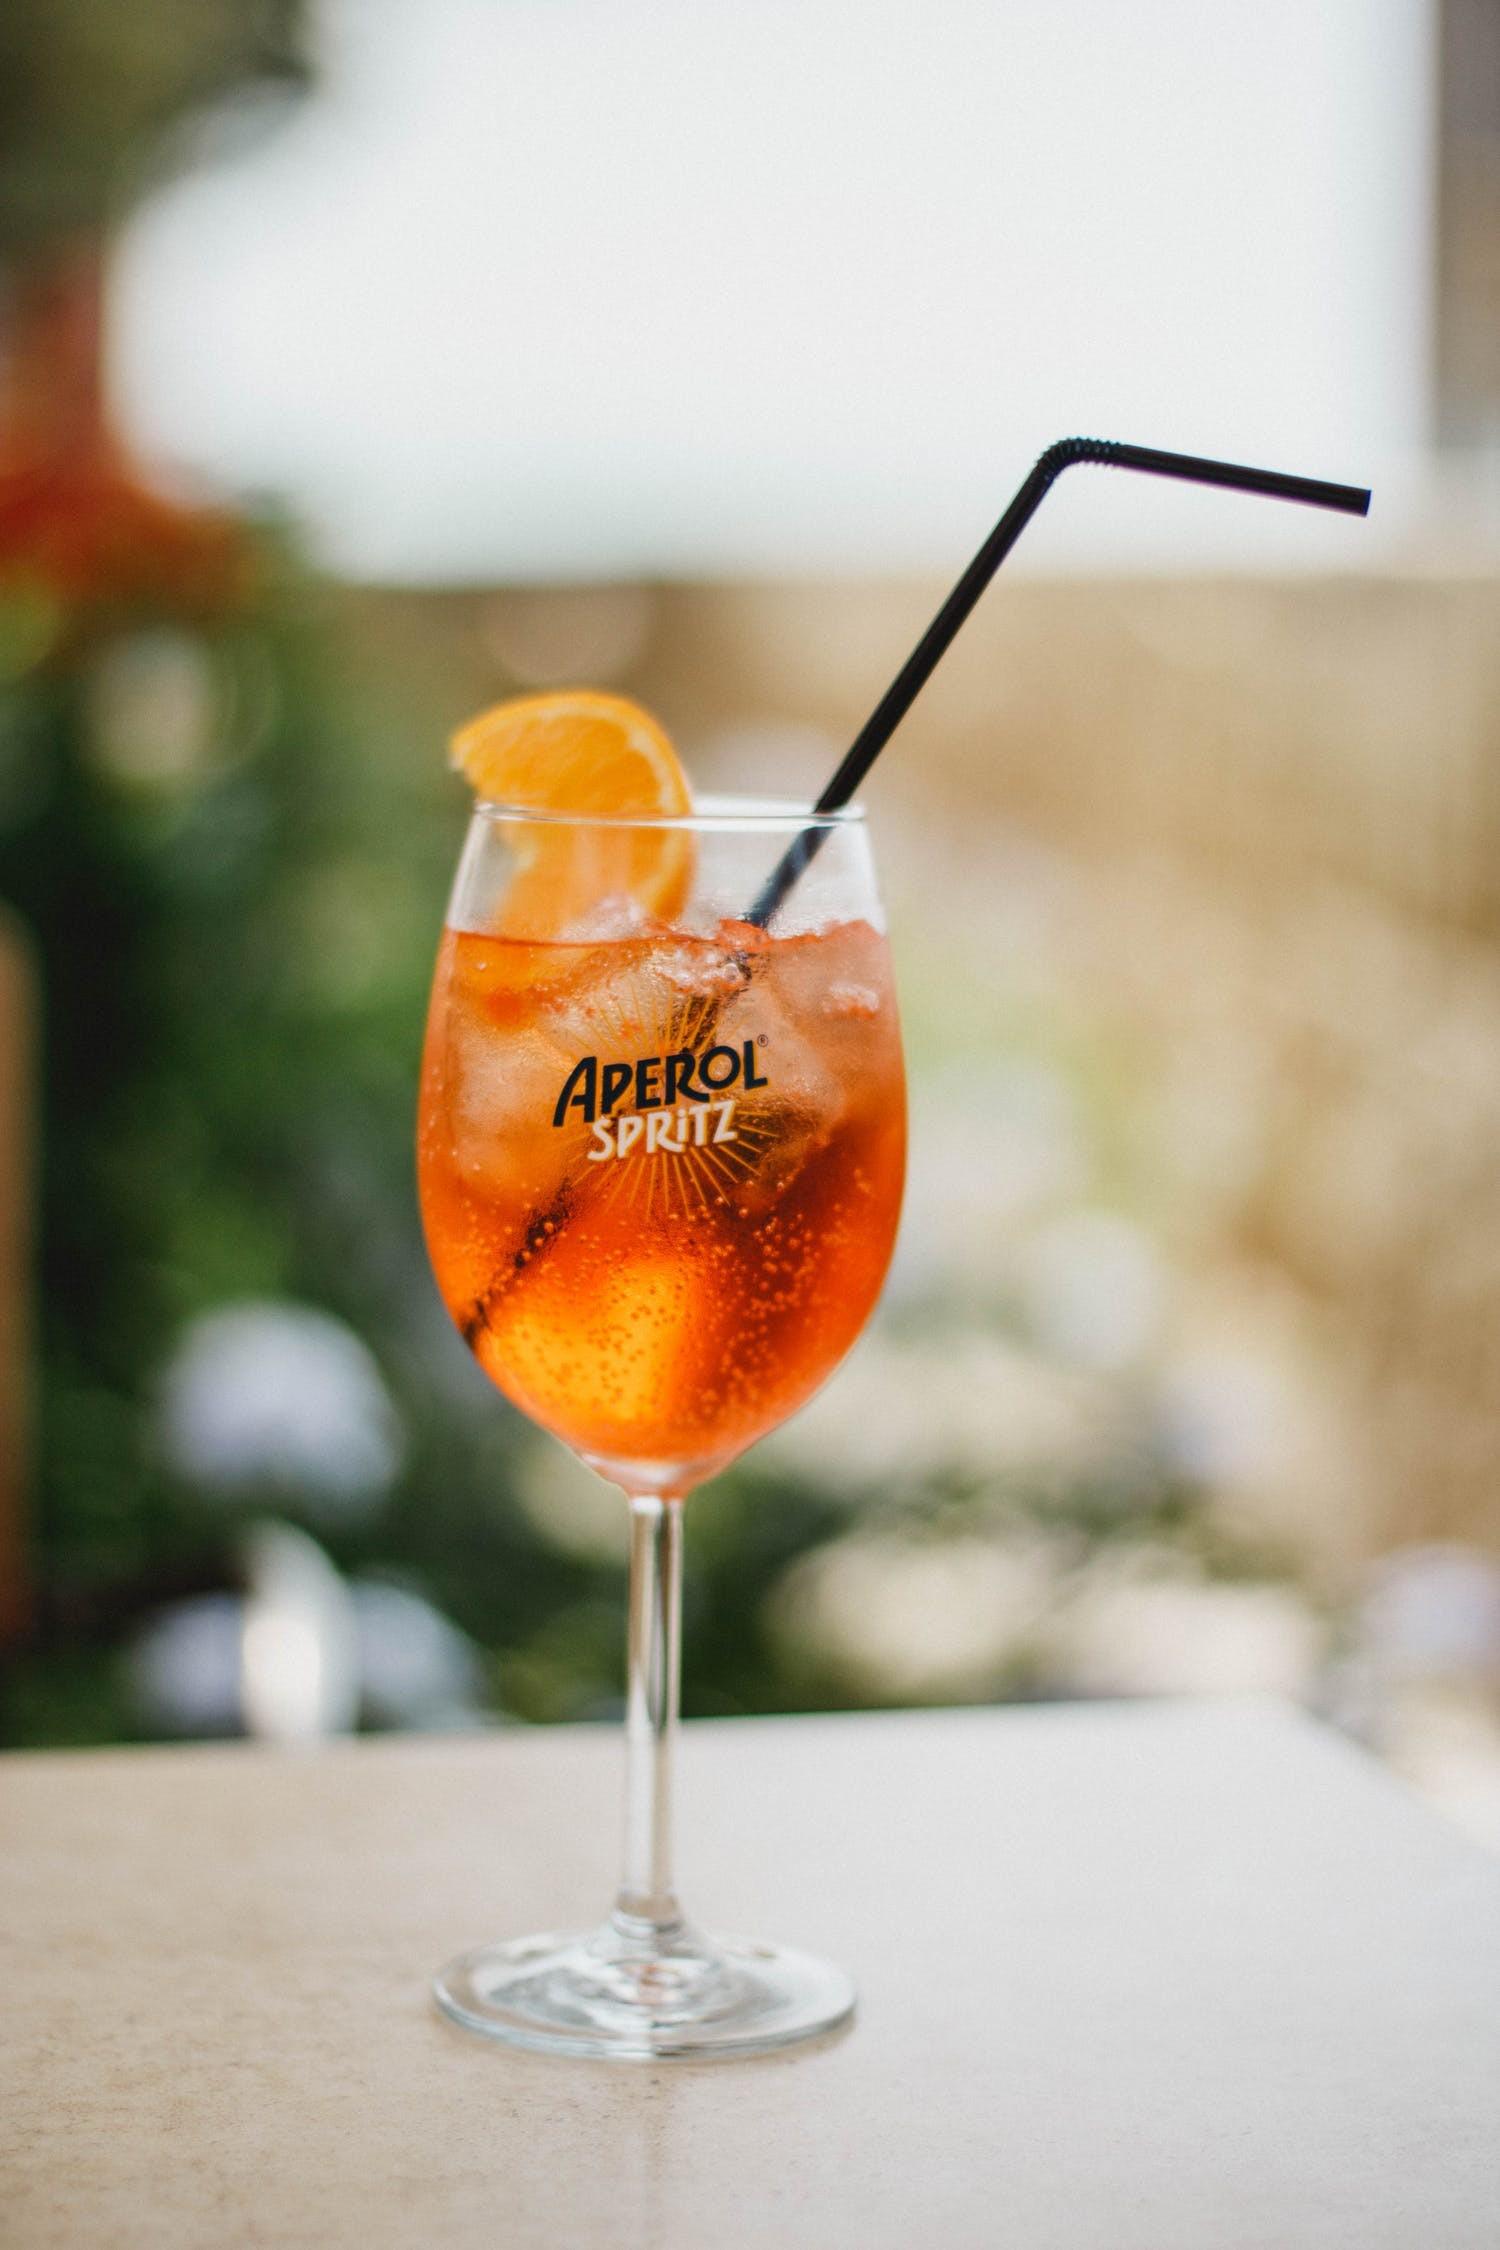 El spritz de Aperol: todo lo que hay que saber sobre esta bebida típica italiana